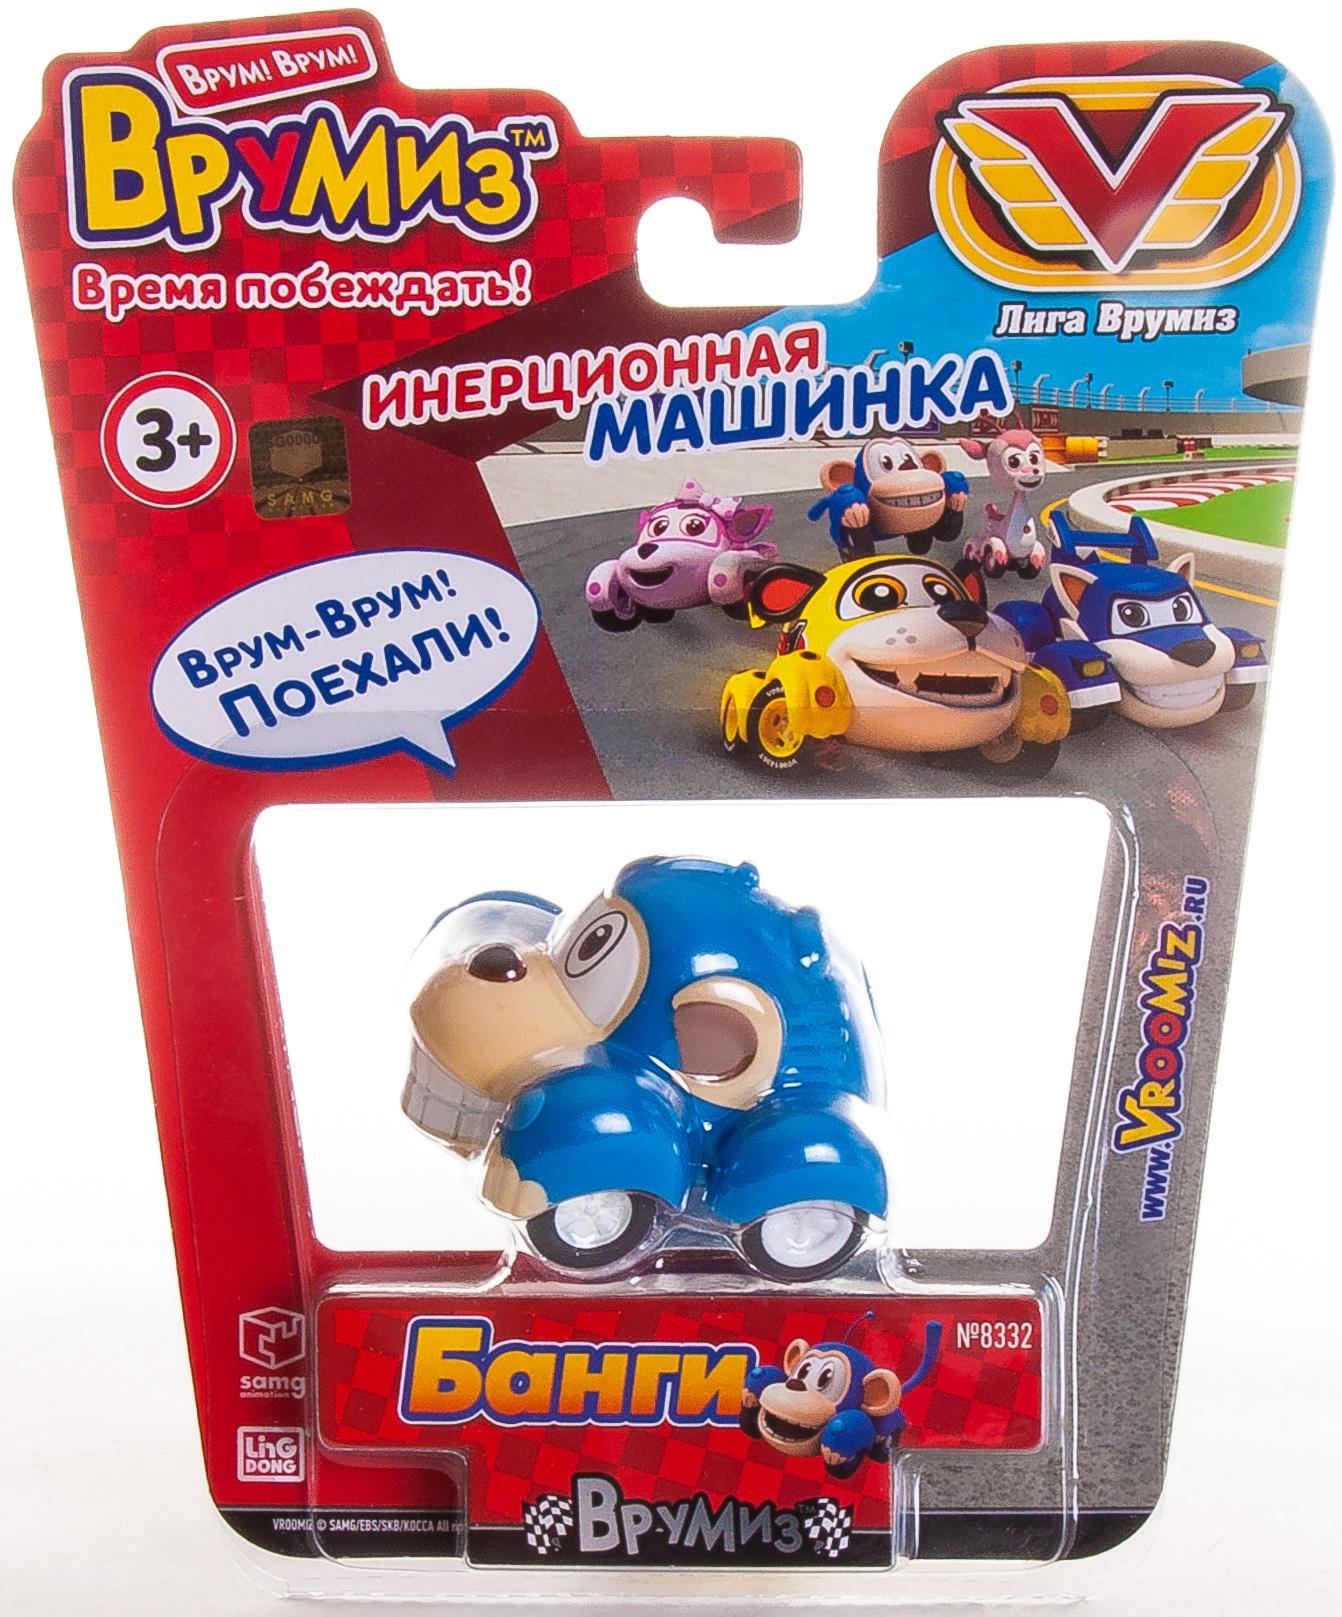 Vroomiz Врумиз Инерционная машинка Врумиз игрушка врумиз набор инерционных машинок спиди софи слон пожарный